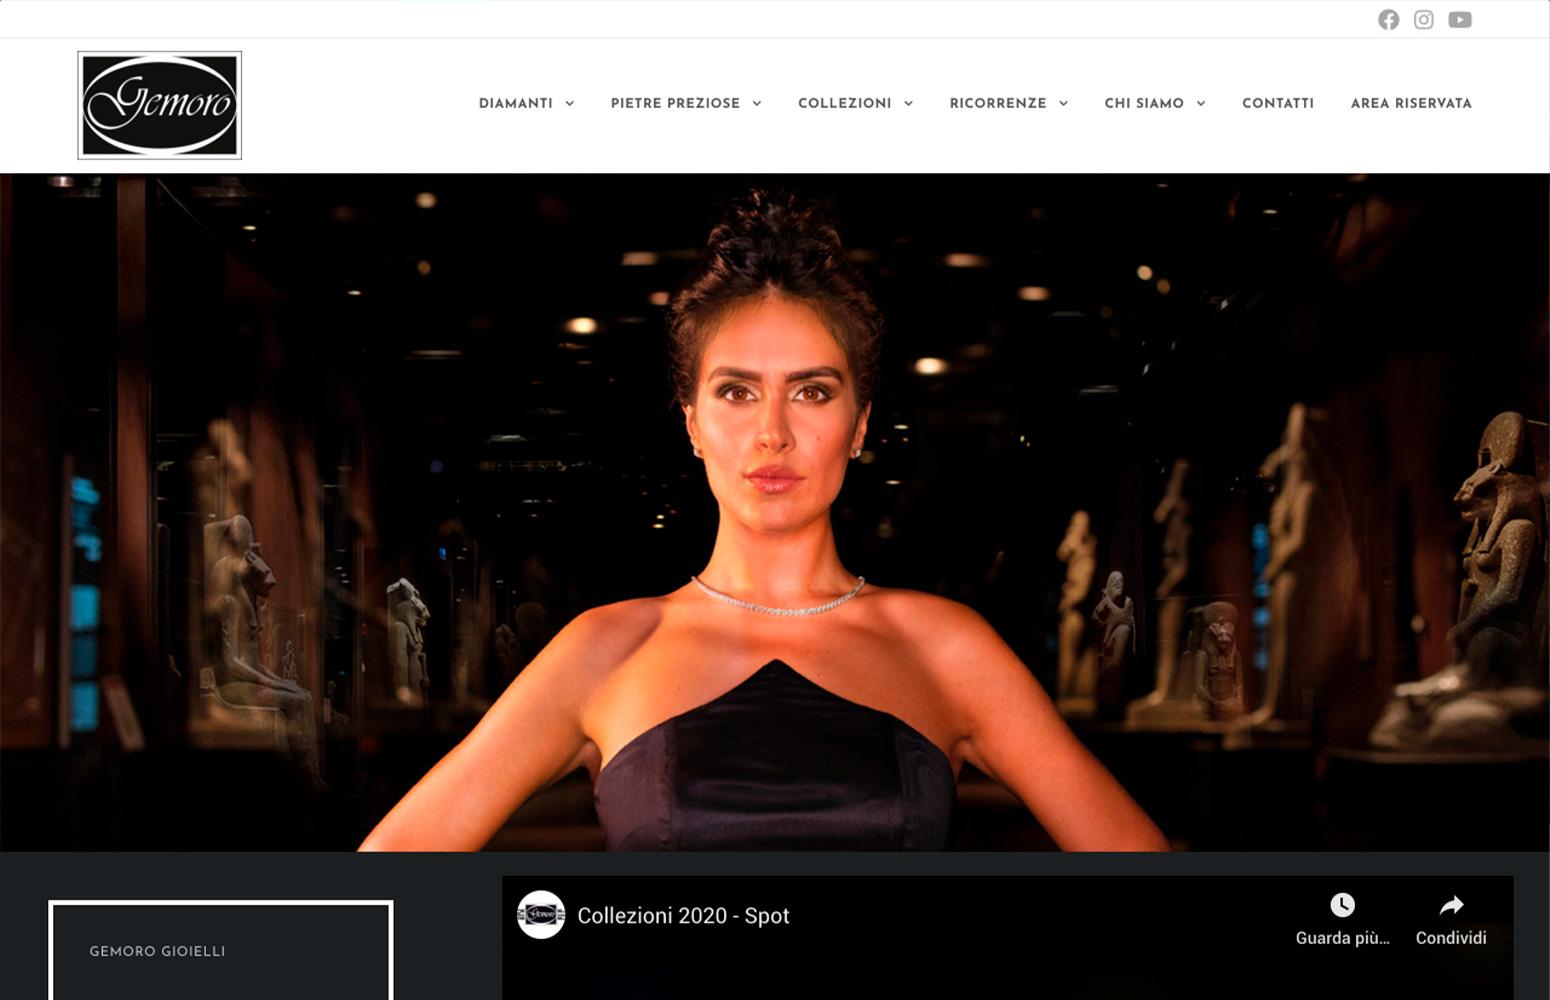 WEB DESIGN | Gemoro Gioielli | Torino - Sito Web